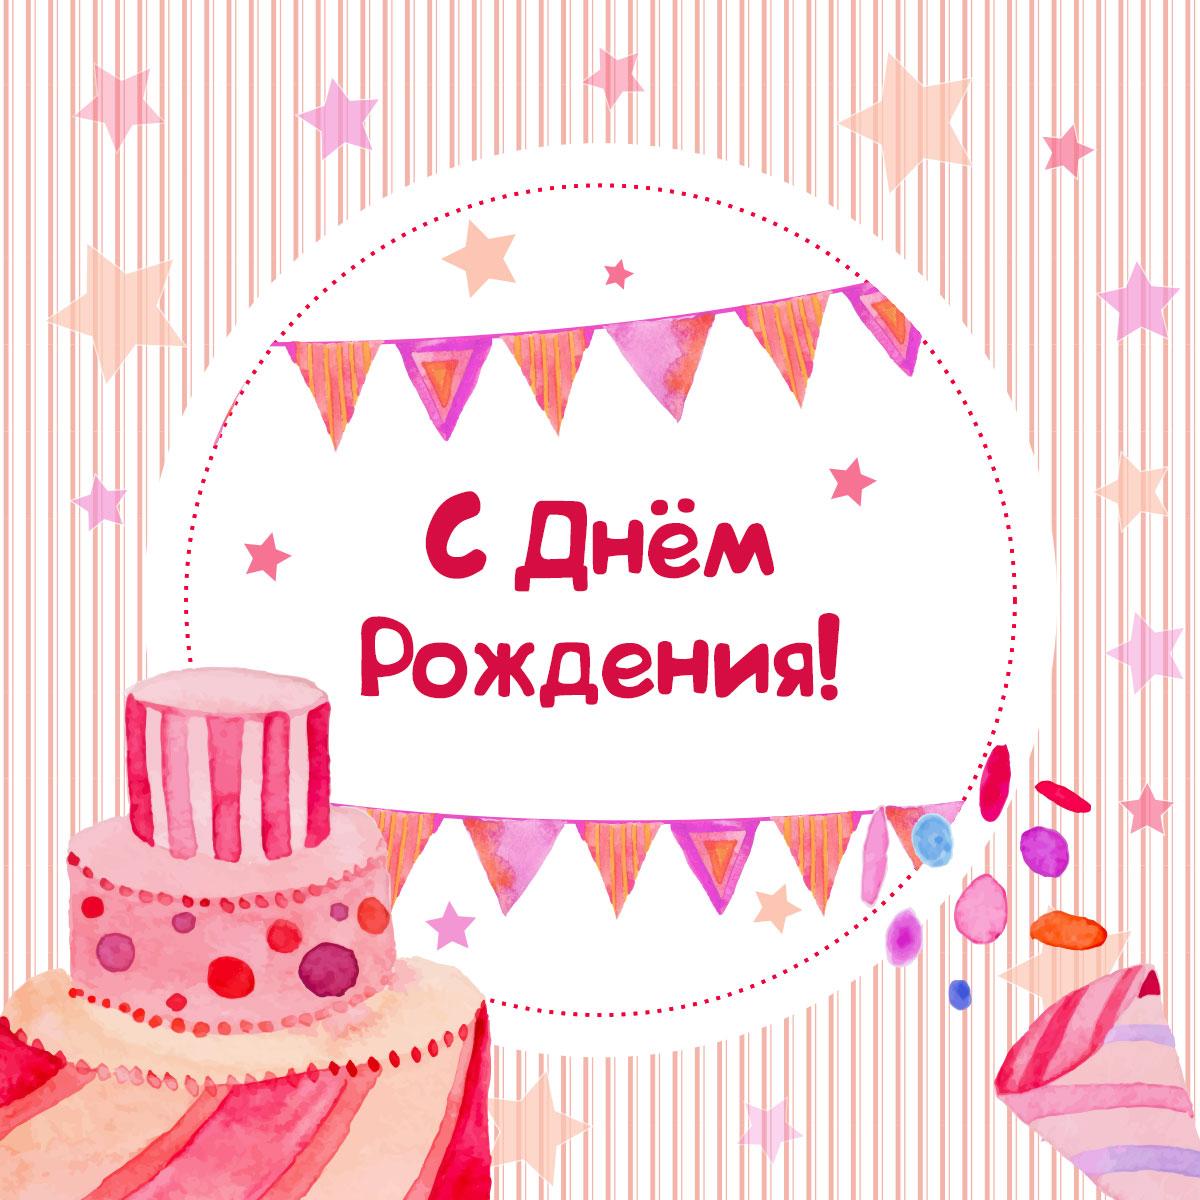 Розовая картинка с тортом в пастельных тонах.